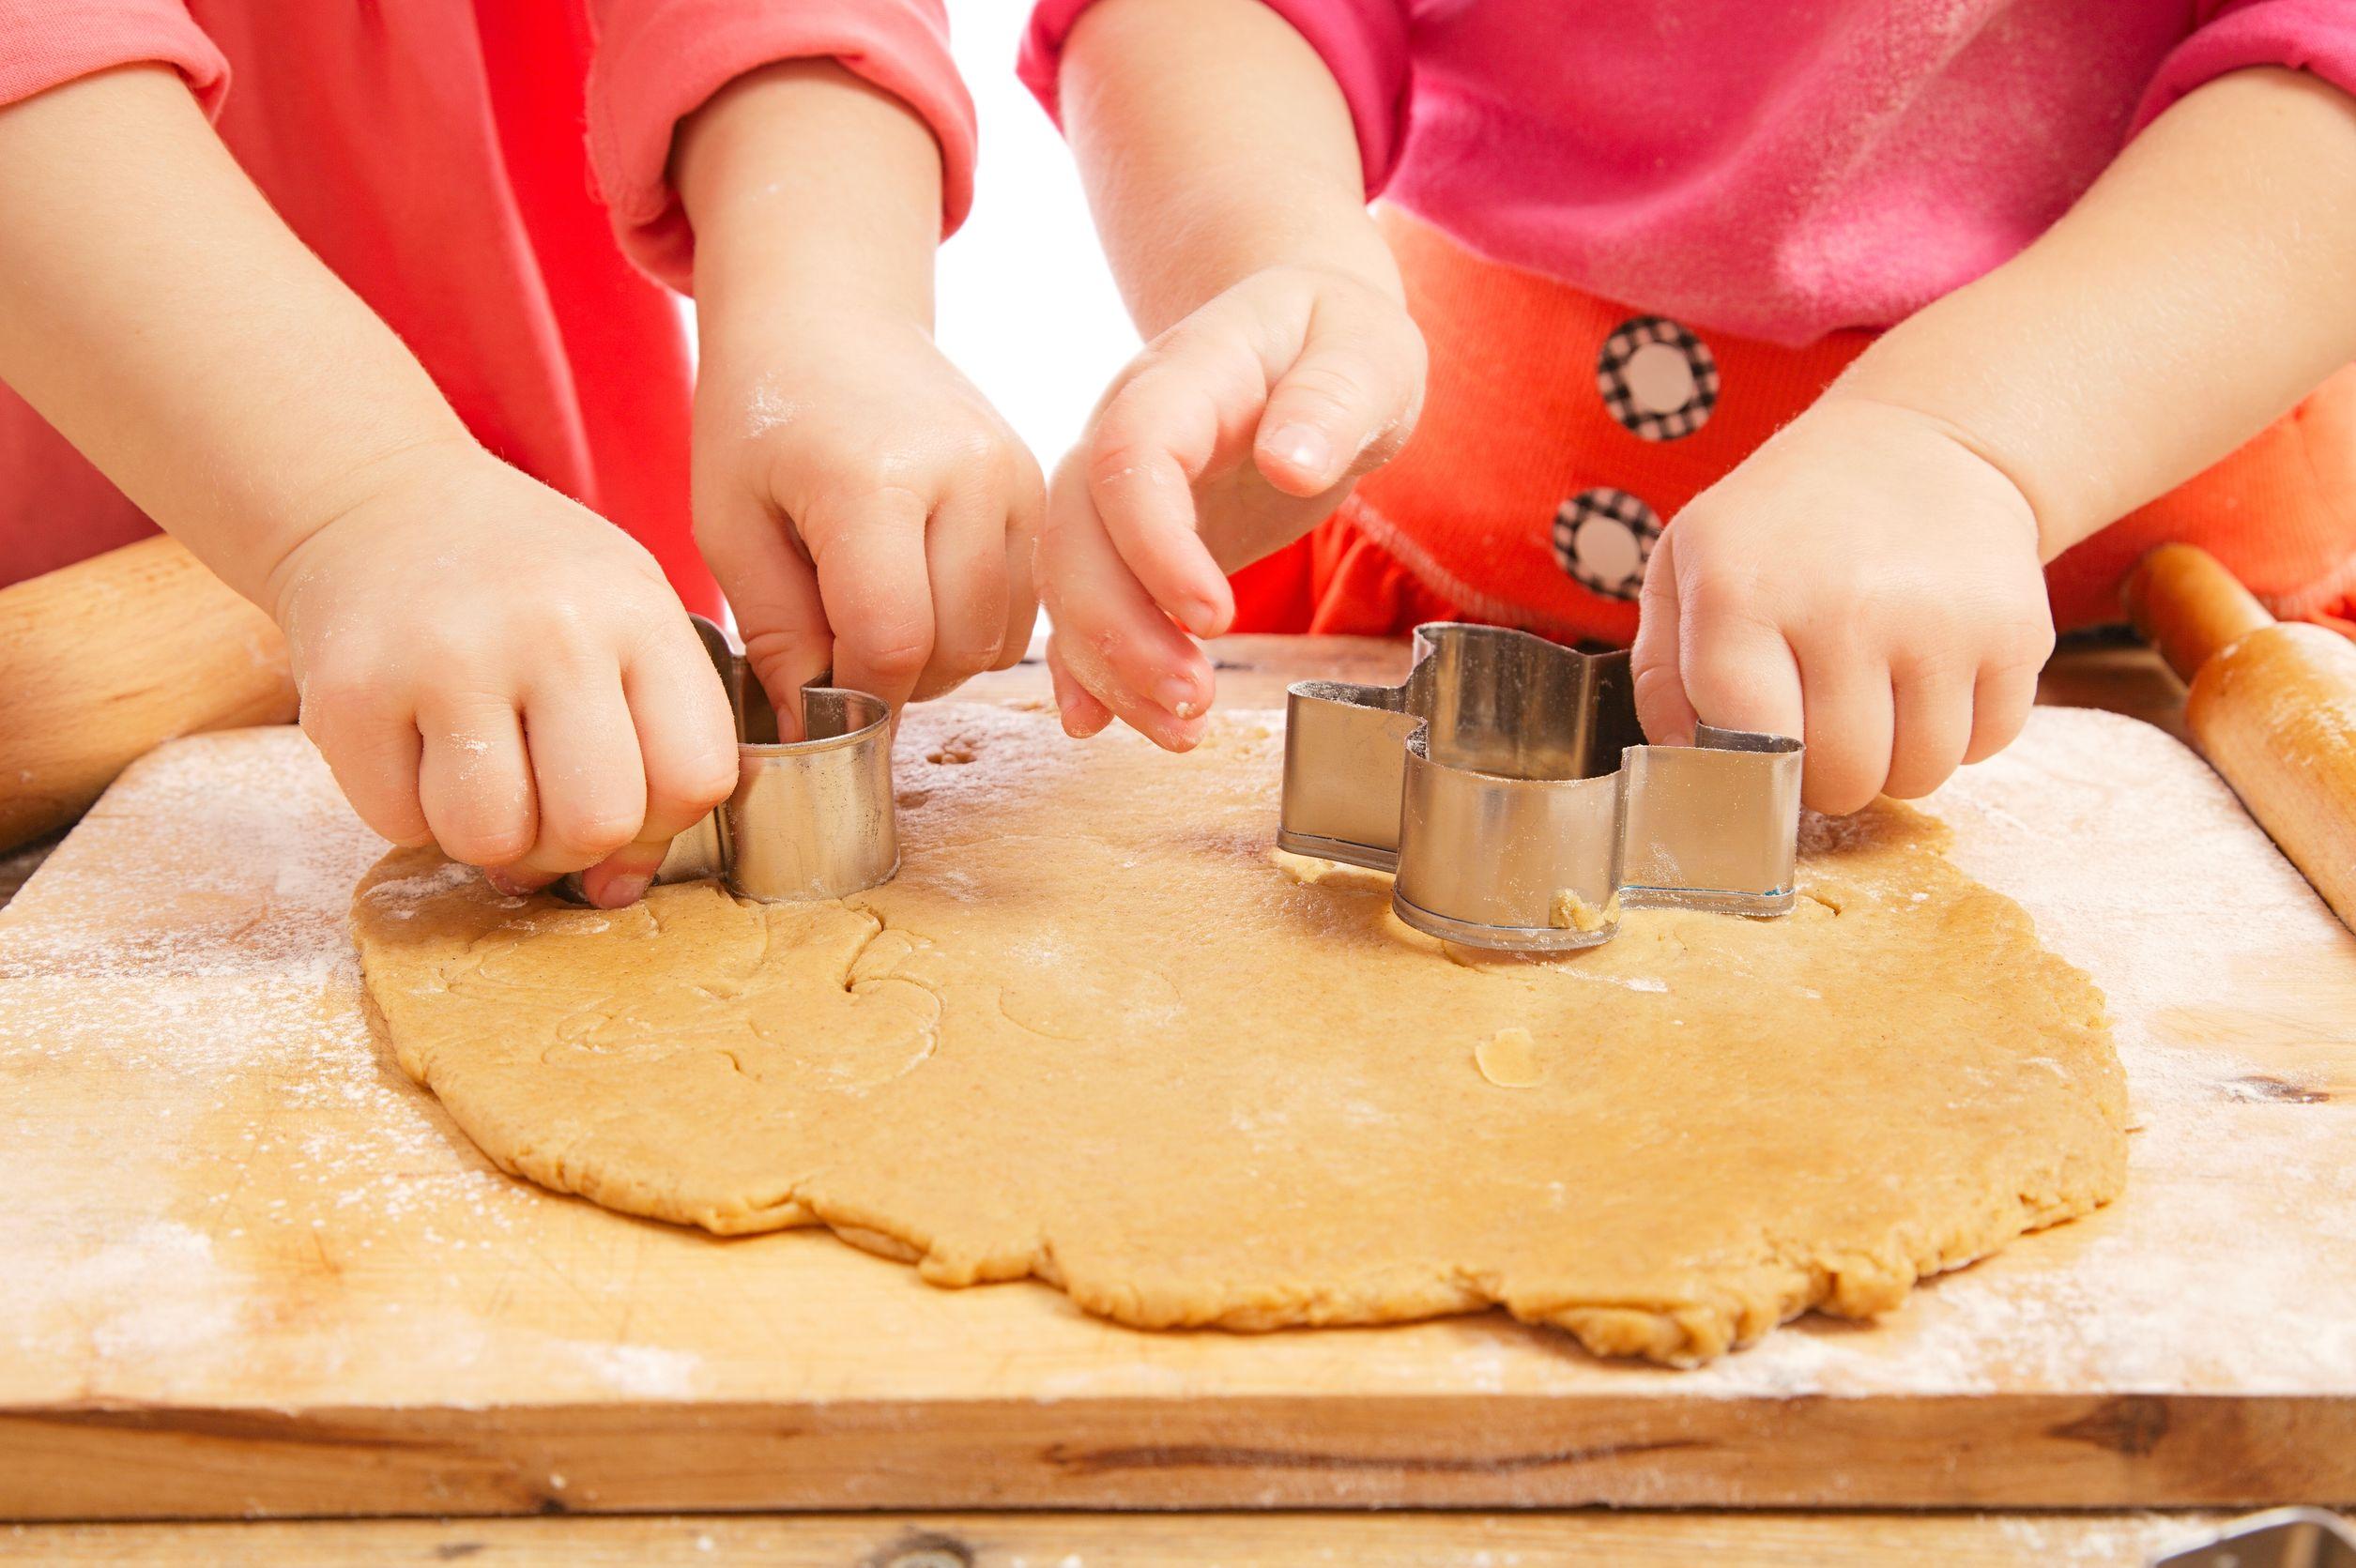 Kinder Backset: Test & Empfehlungen (01/21)